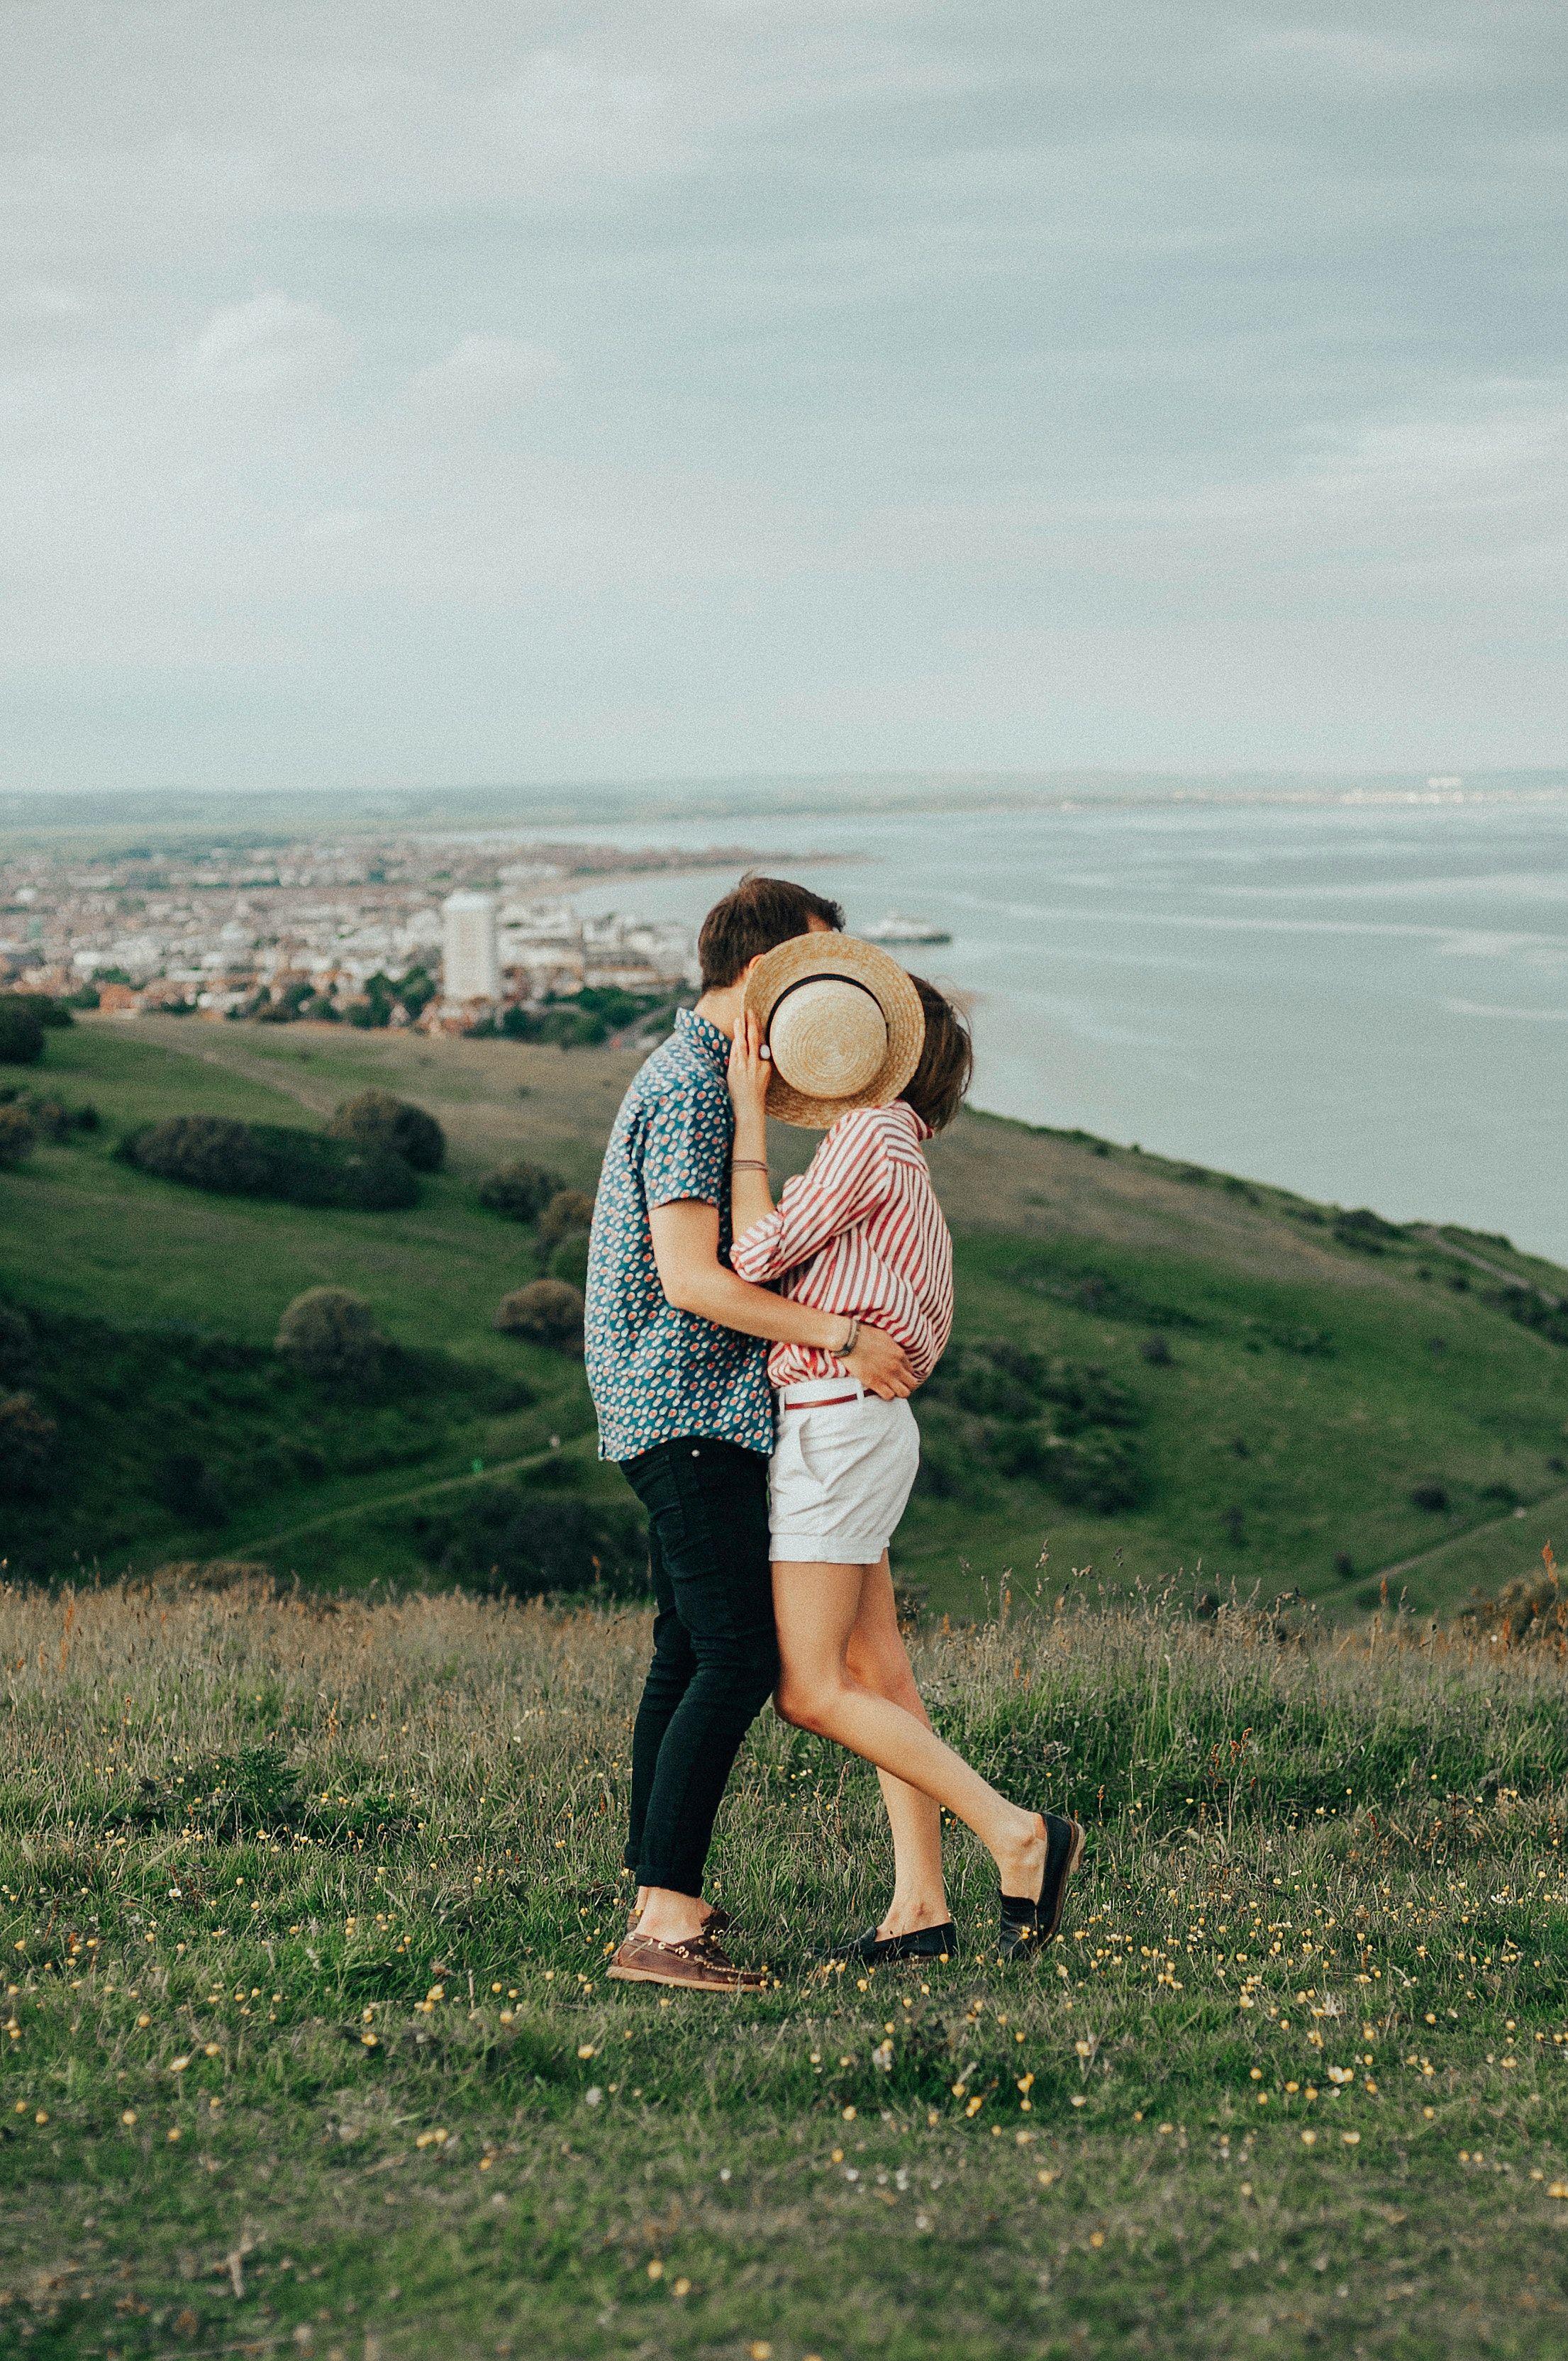 rdv locales site rencontre cherche femme pour partager vacances